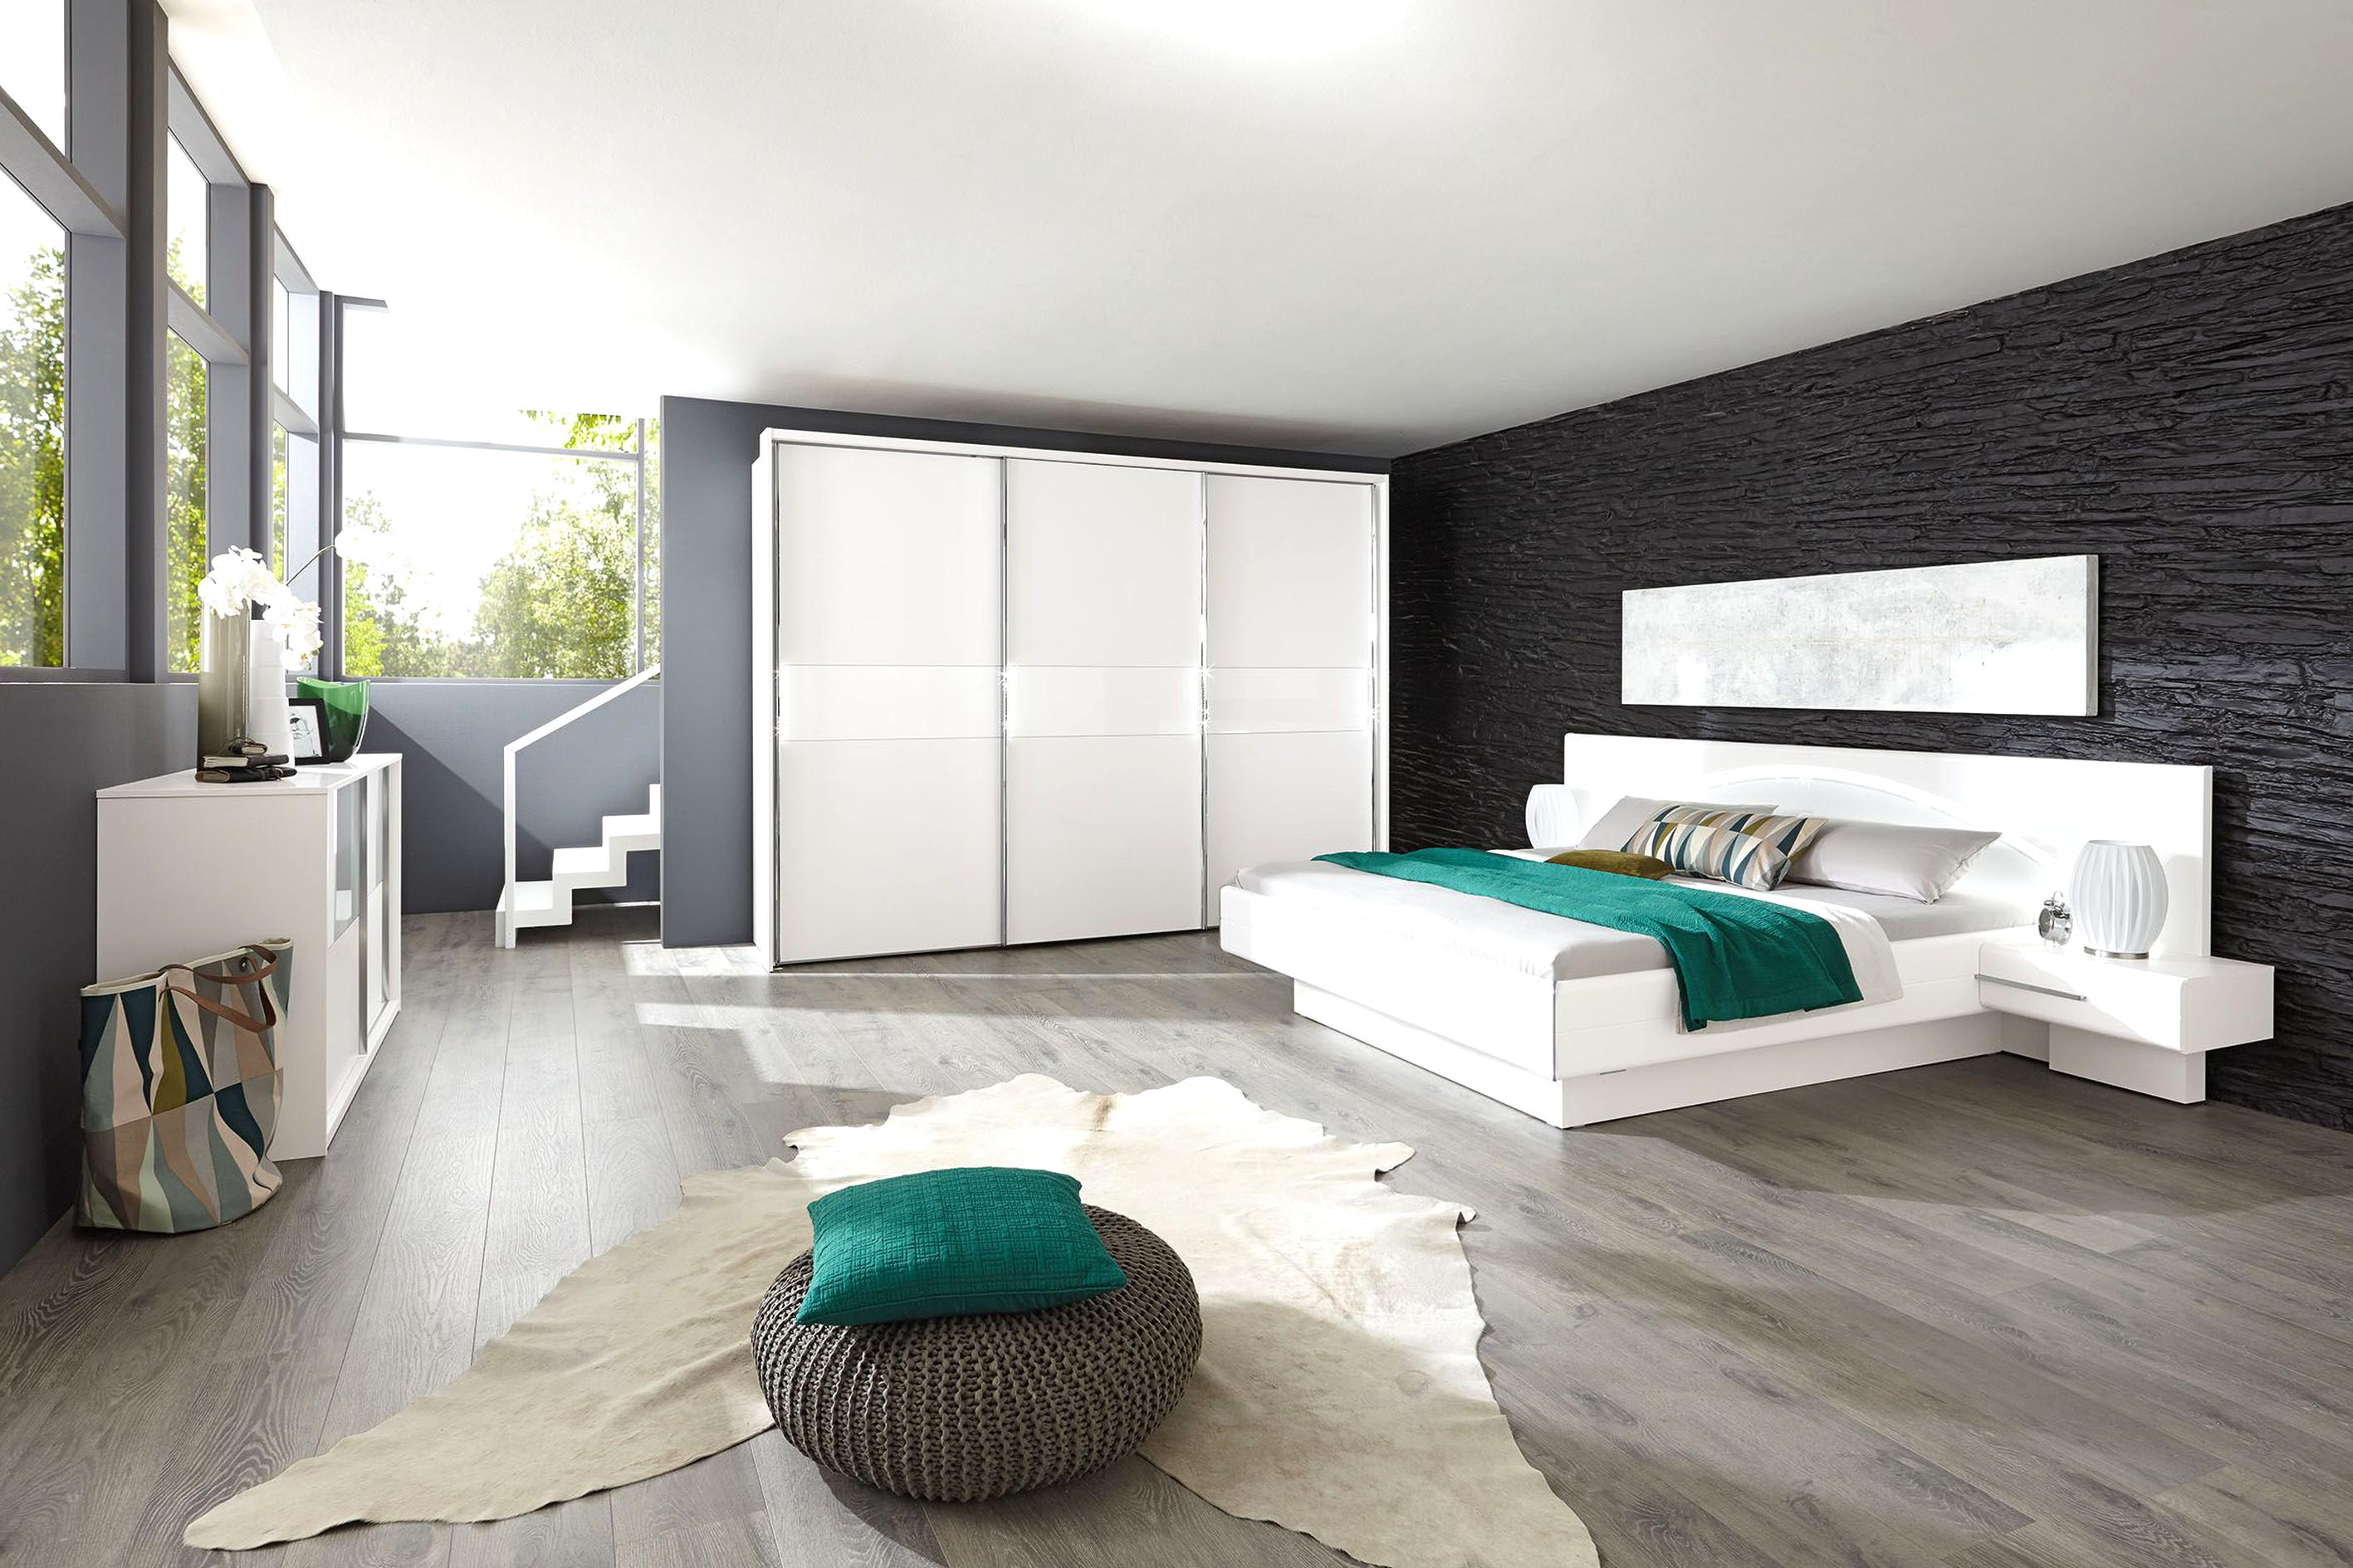 Schlafzimmer Swarovski gebraucht kaufen! 3 St. bis -75 ...